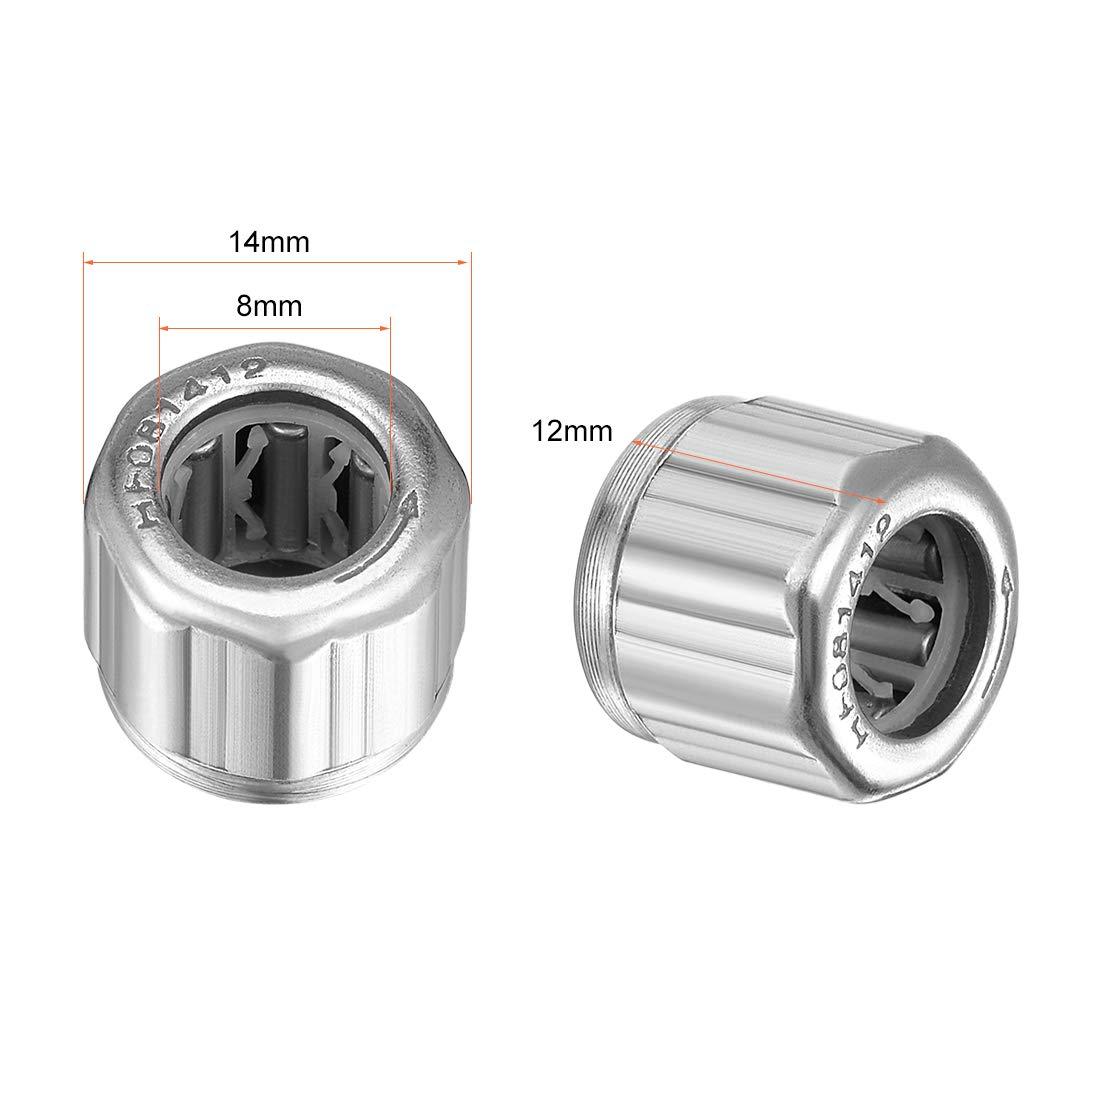 12mm ancho 3 unidades rodamientos de una v/ía de 8mm de di/ámetro 14mm de di/ámetro exterior sourcing map Rodamientos de agujas HF081412